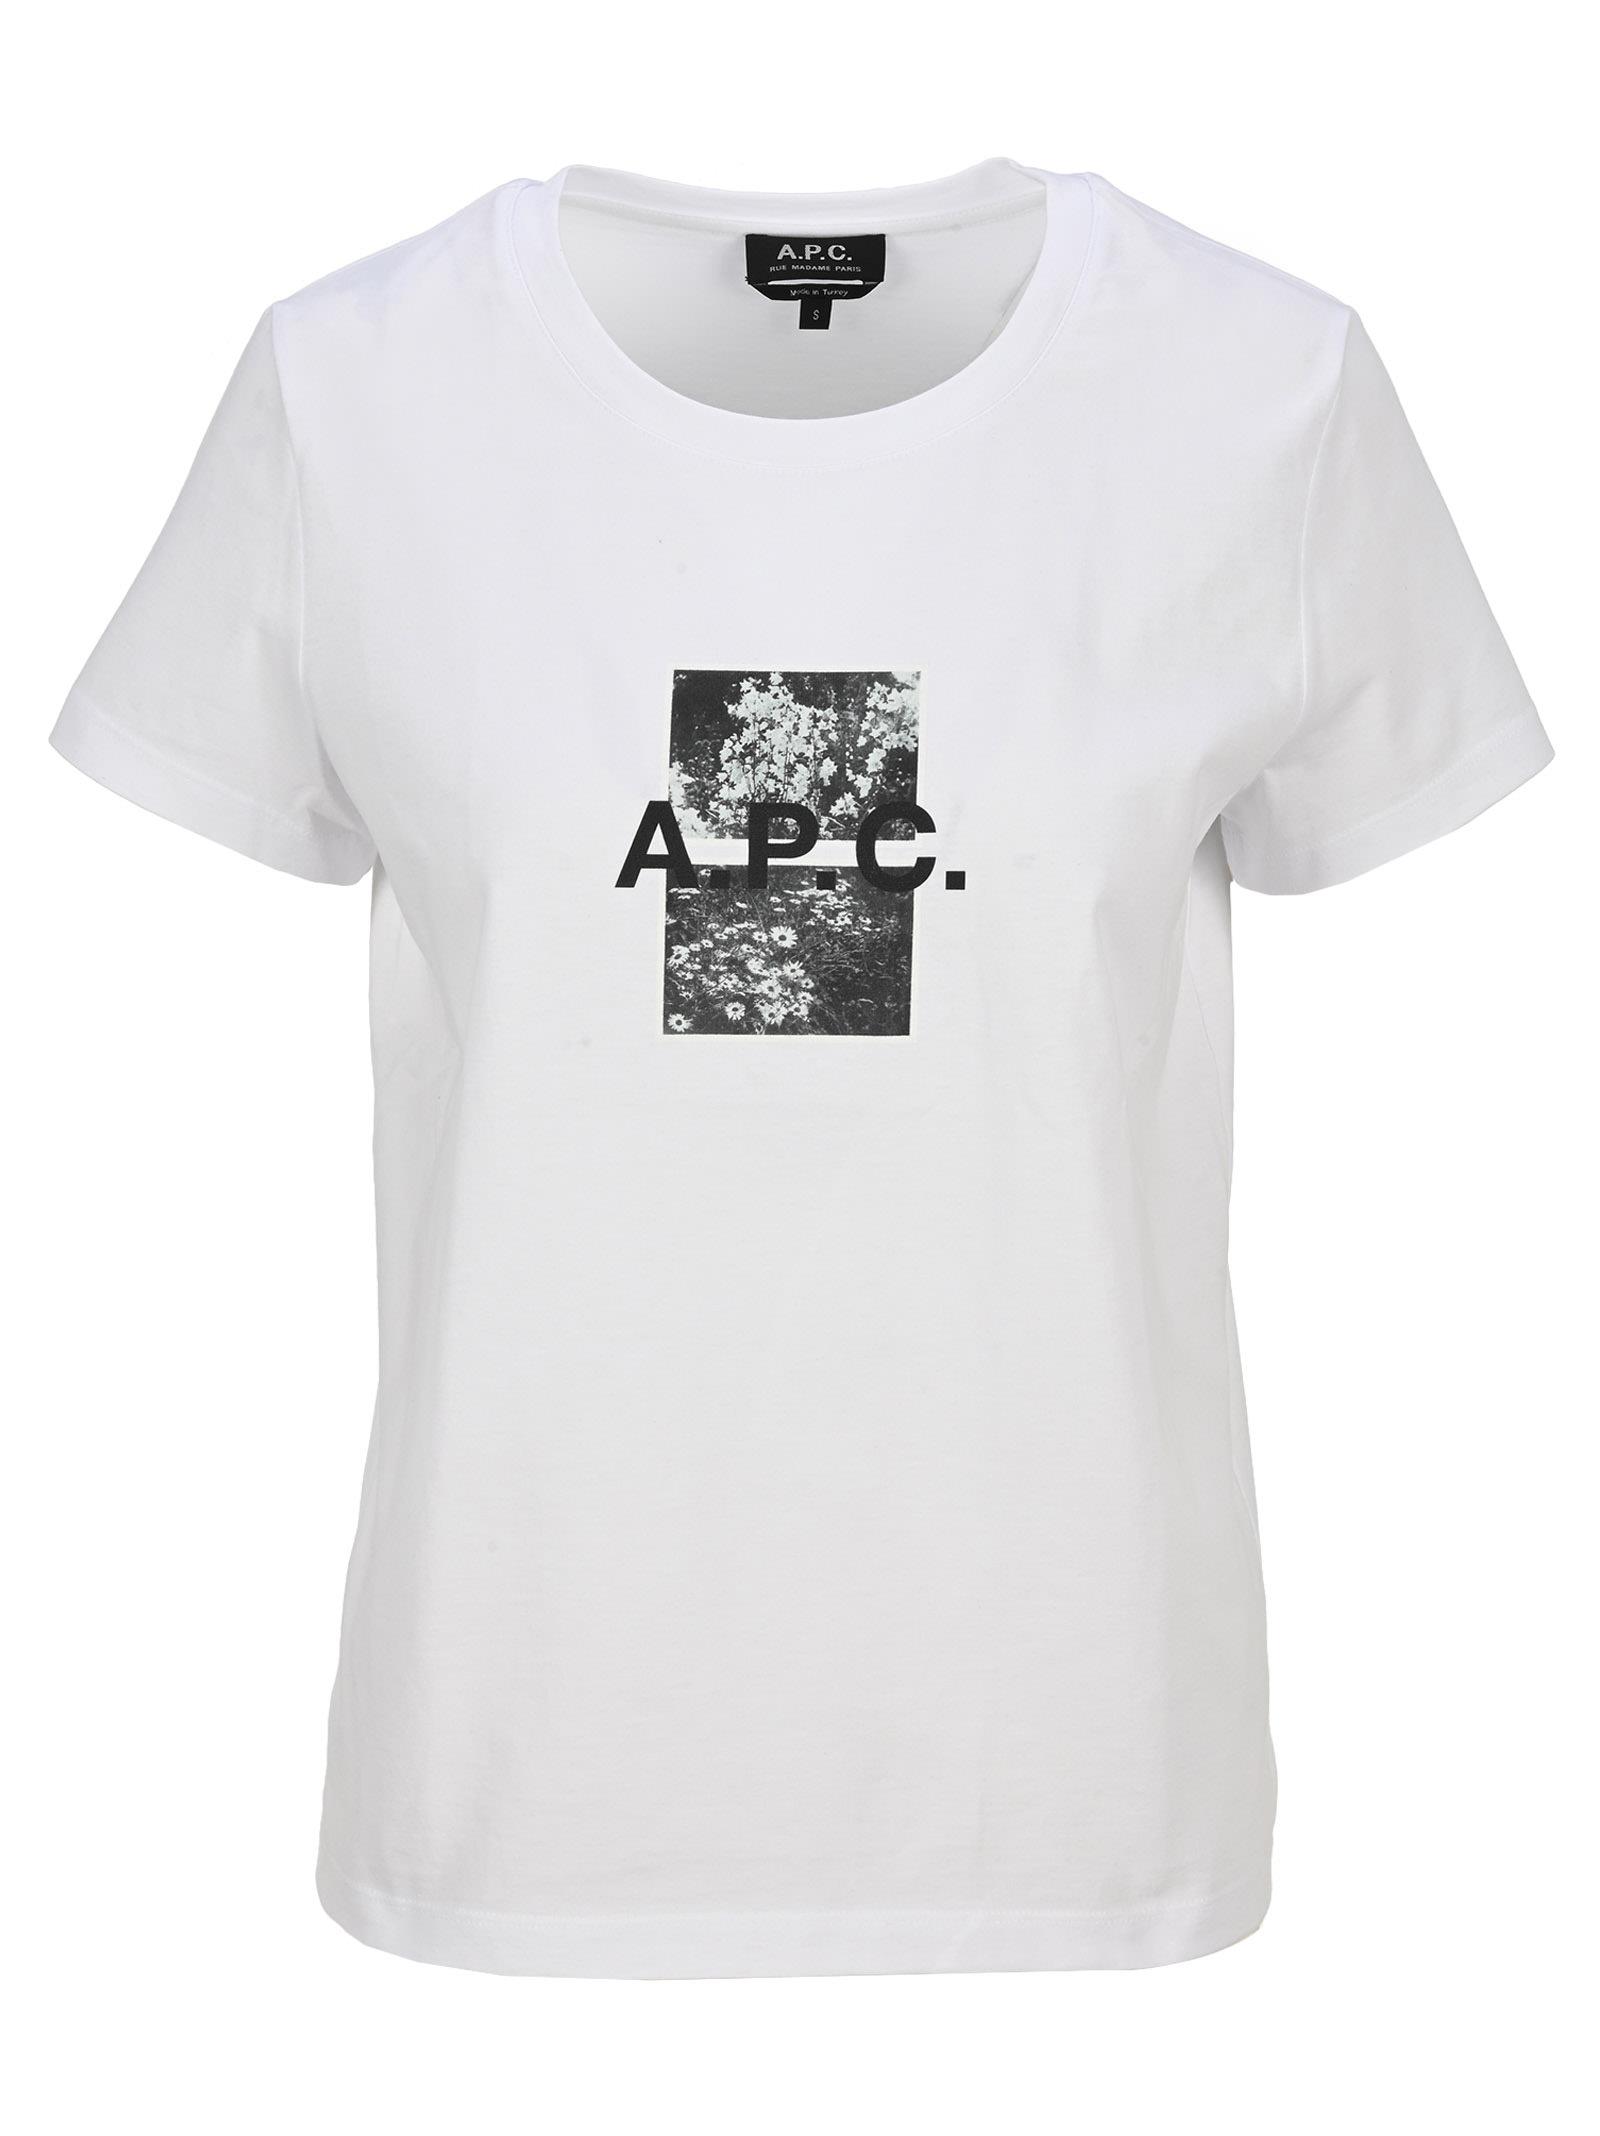 A.p.c. Eryn T-shirt